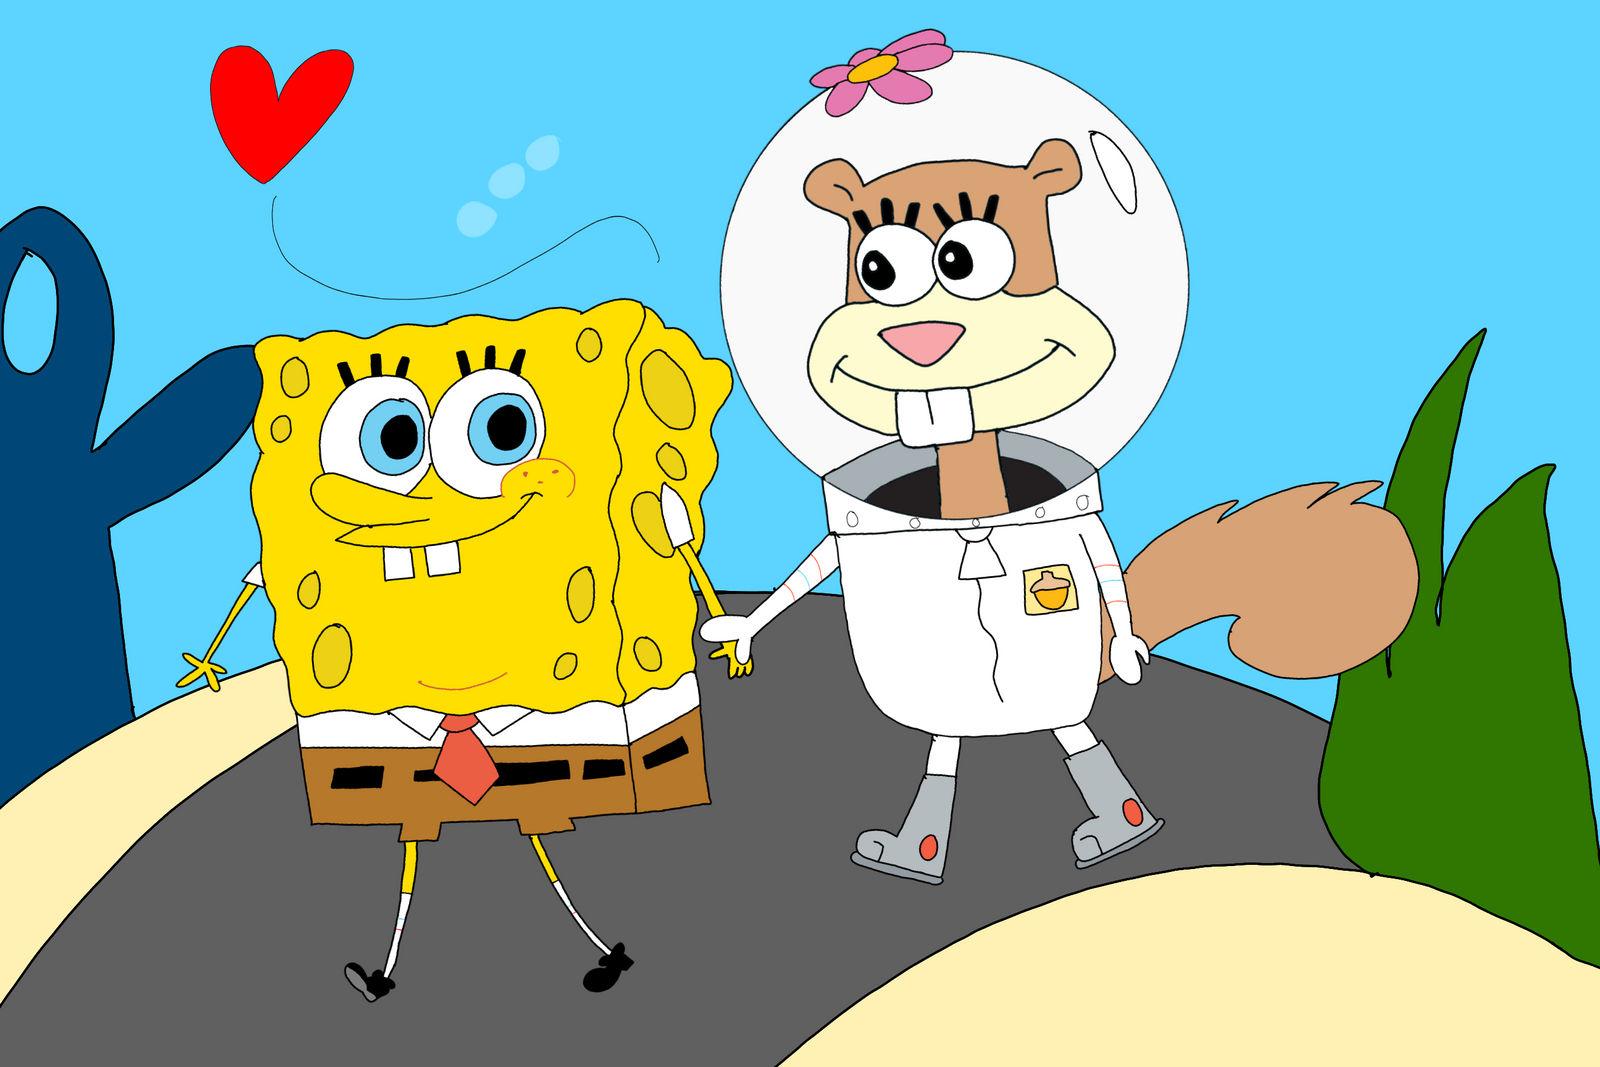 And sandy spongebob How SpongeBob